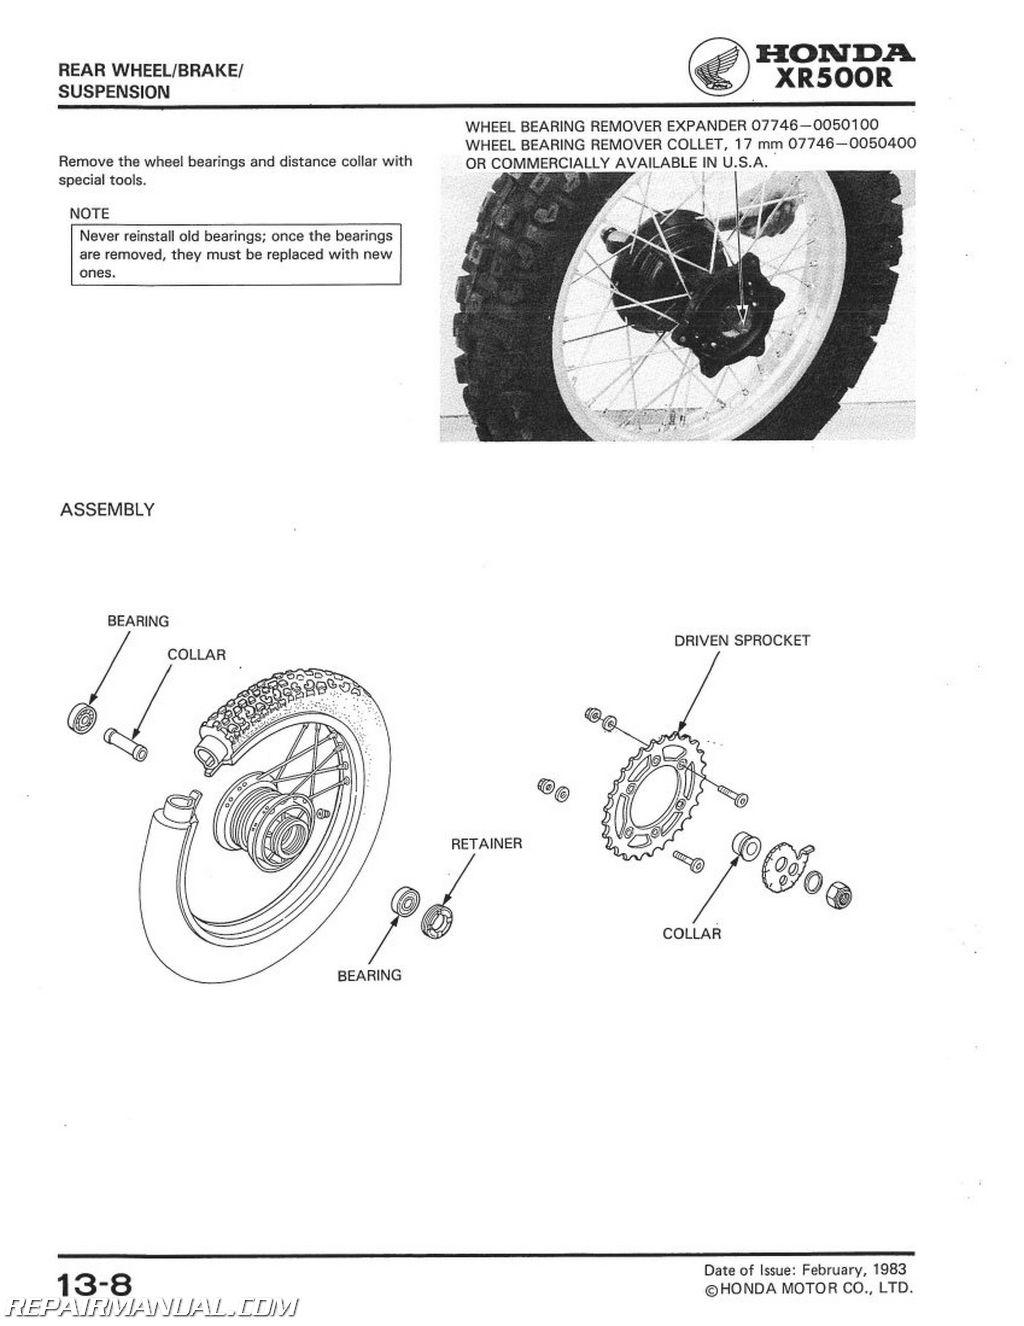 1983 1984 honda xr500r motorcycle service manual rh repairmanual com XR500R Cafe Racer 1984 Honda XR500R